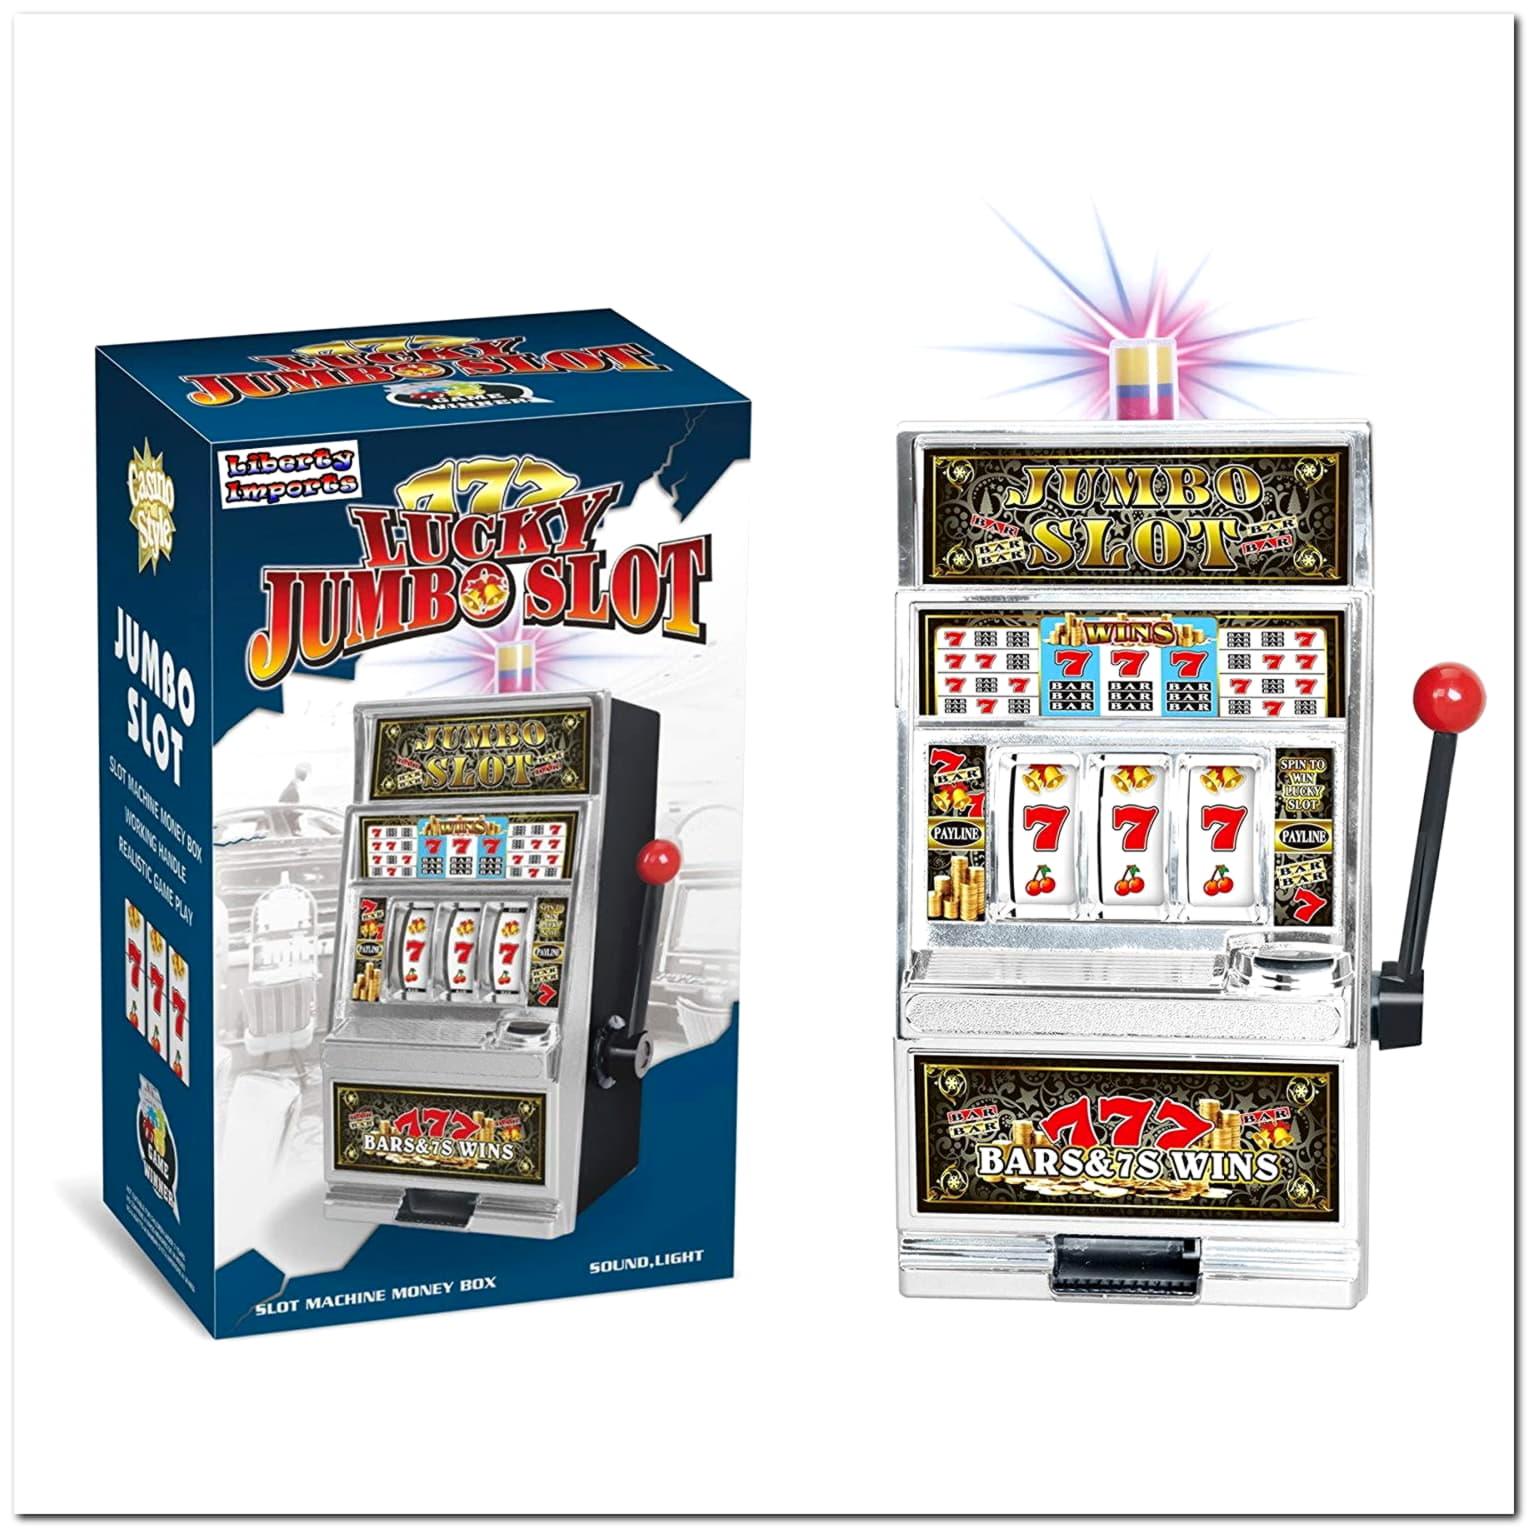 222 FreeはCasino Luckでカジノをスピンします